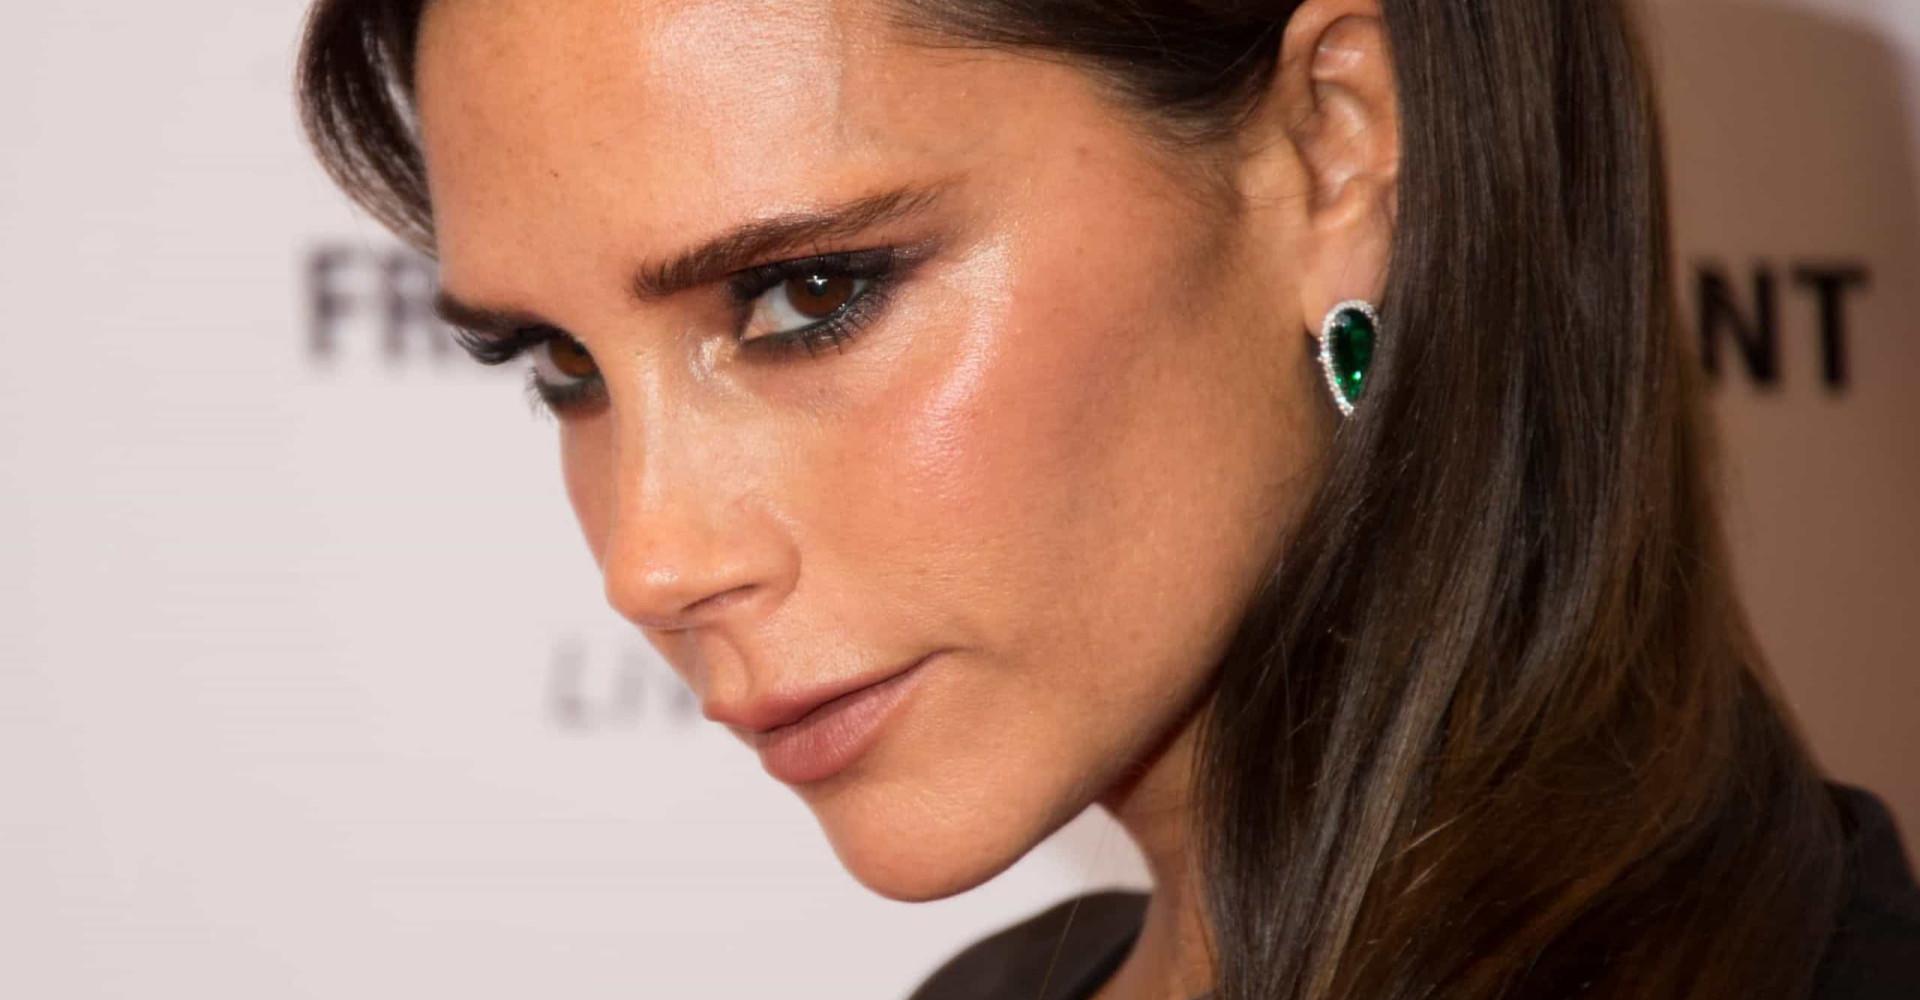 Nicht wie die Mutter: Strikte Kleiderordnung für Victoria Beckhams Tochter